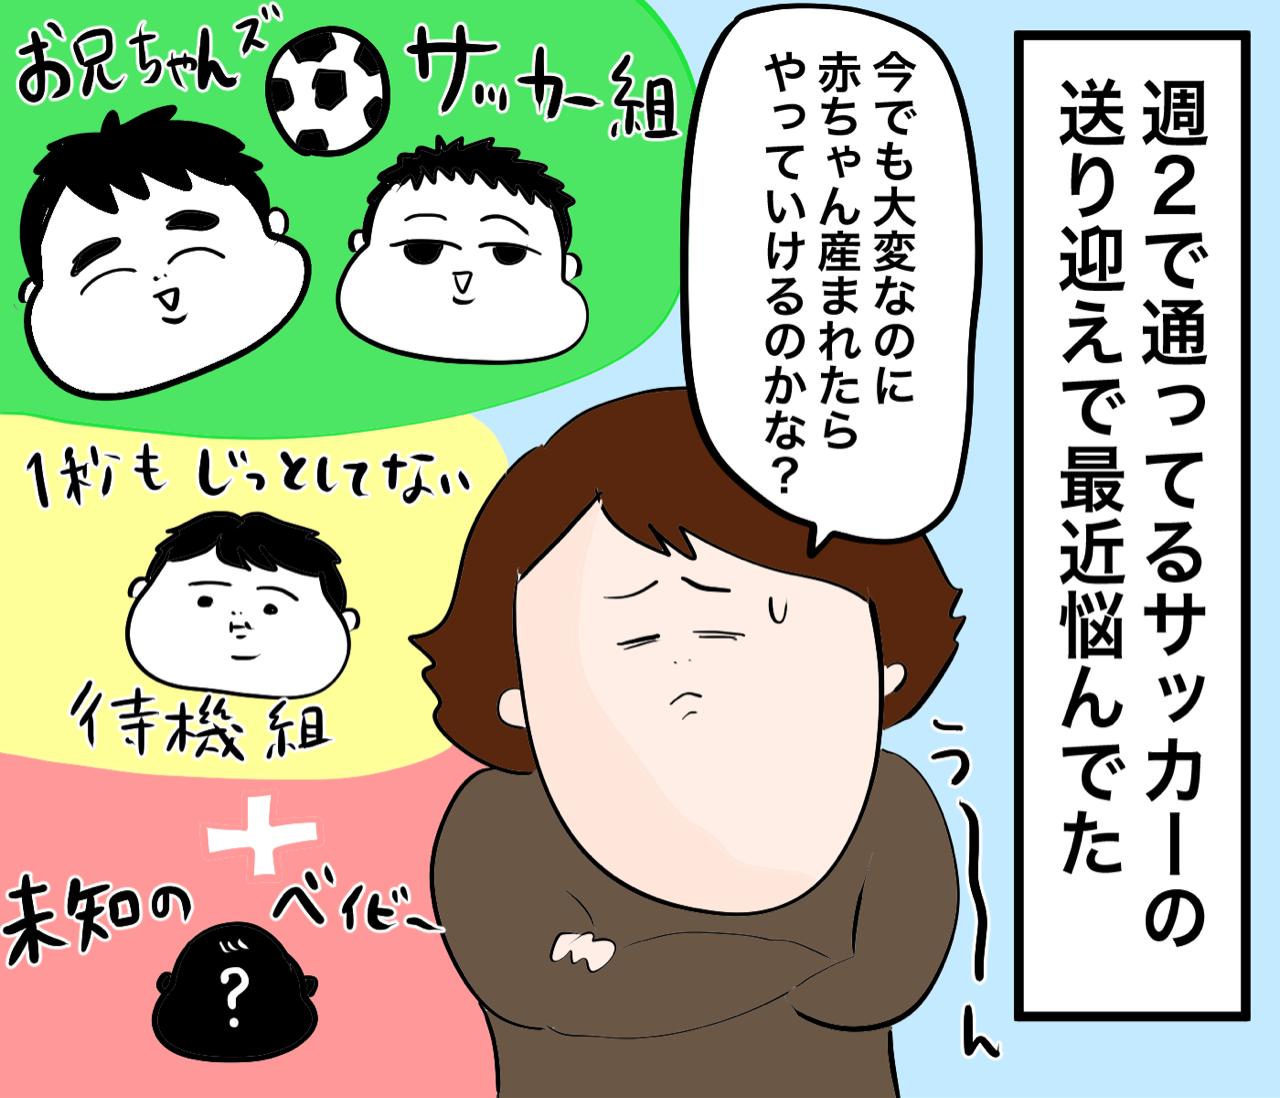 病気 ゲート 隆史 岡村 ドラゴン